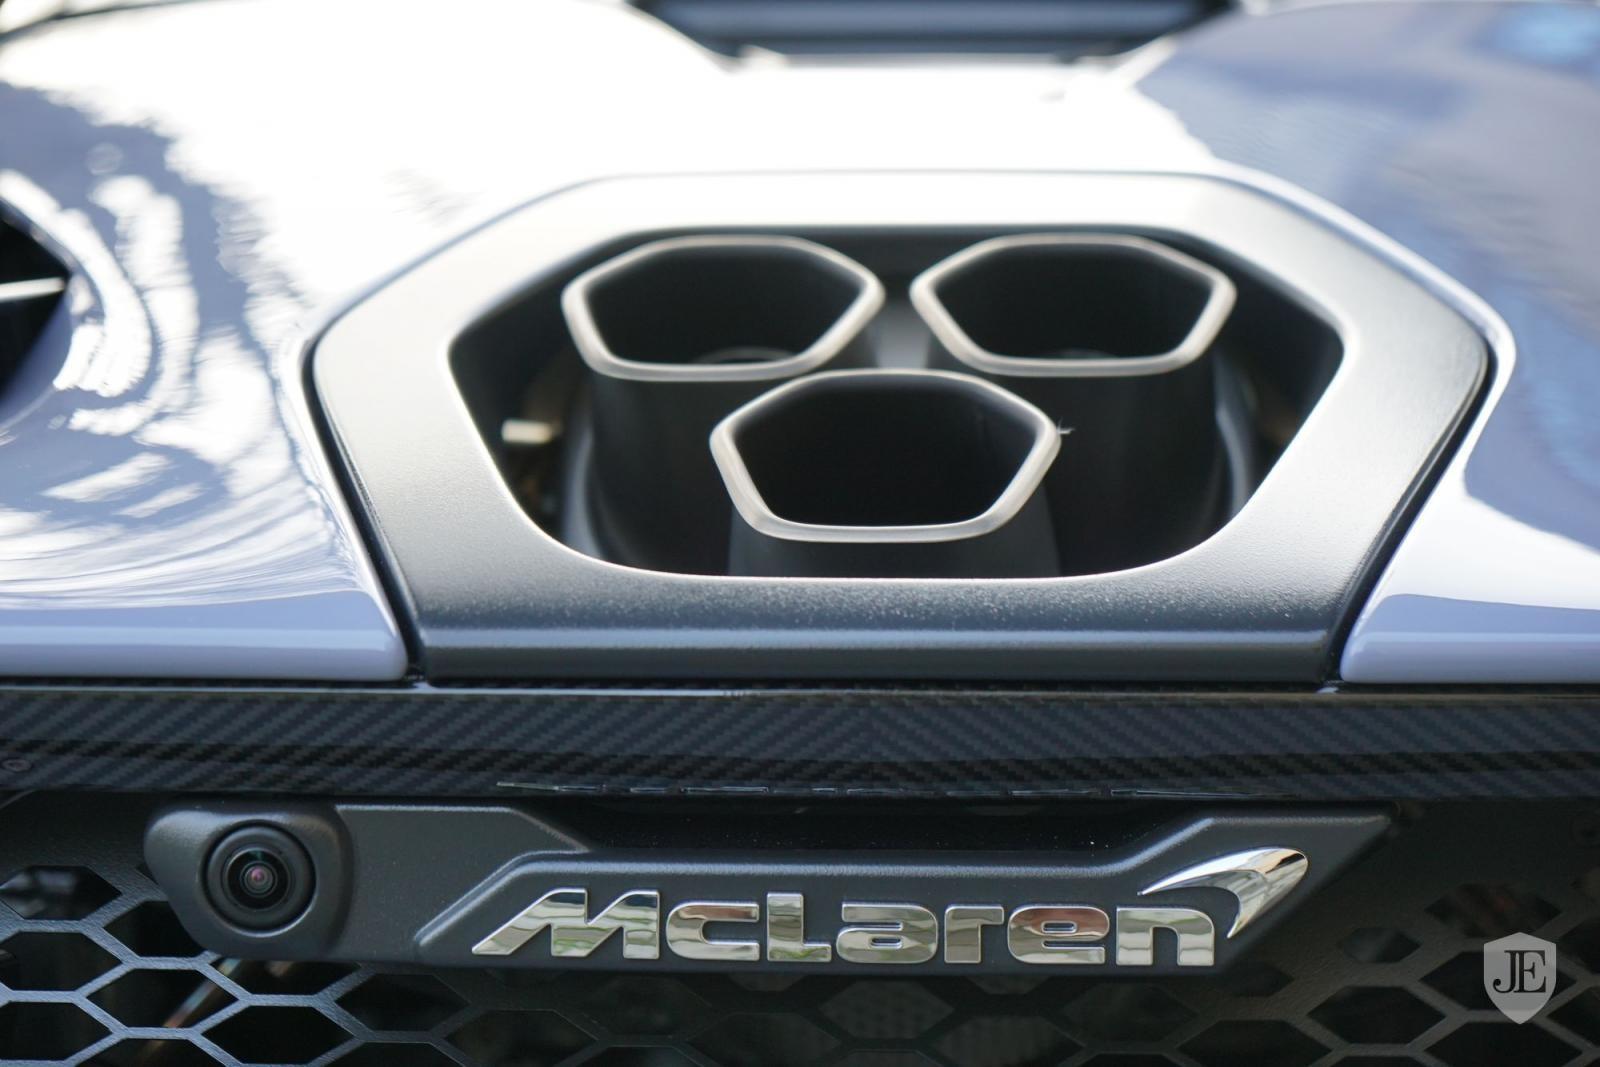 Siêu xe triệu đô McLaren Senna sử dụng khối động cơ V8, tăng áp kép, dung tích 4.0 lít sản sinh công suất tối đa 789 mã lực